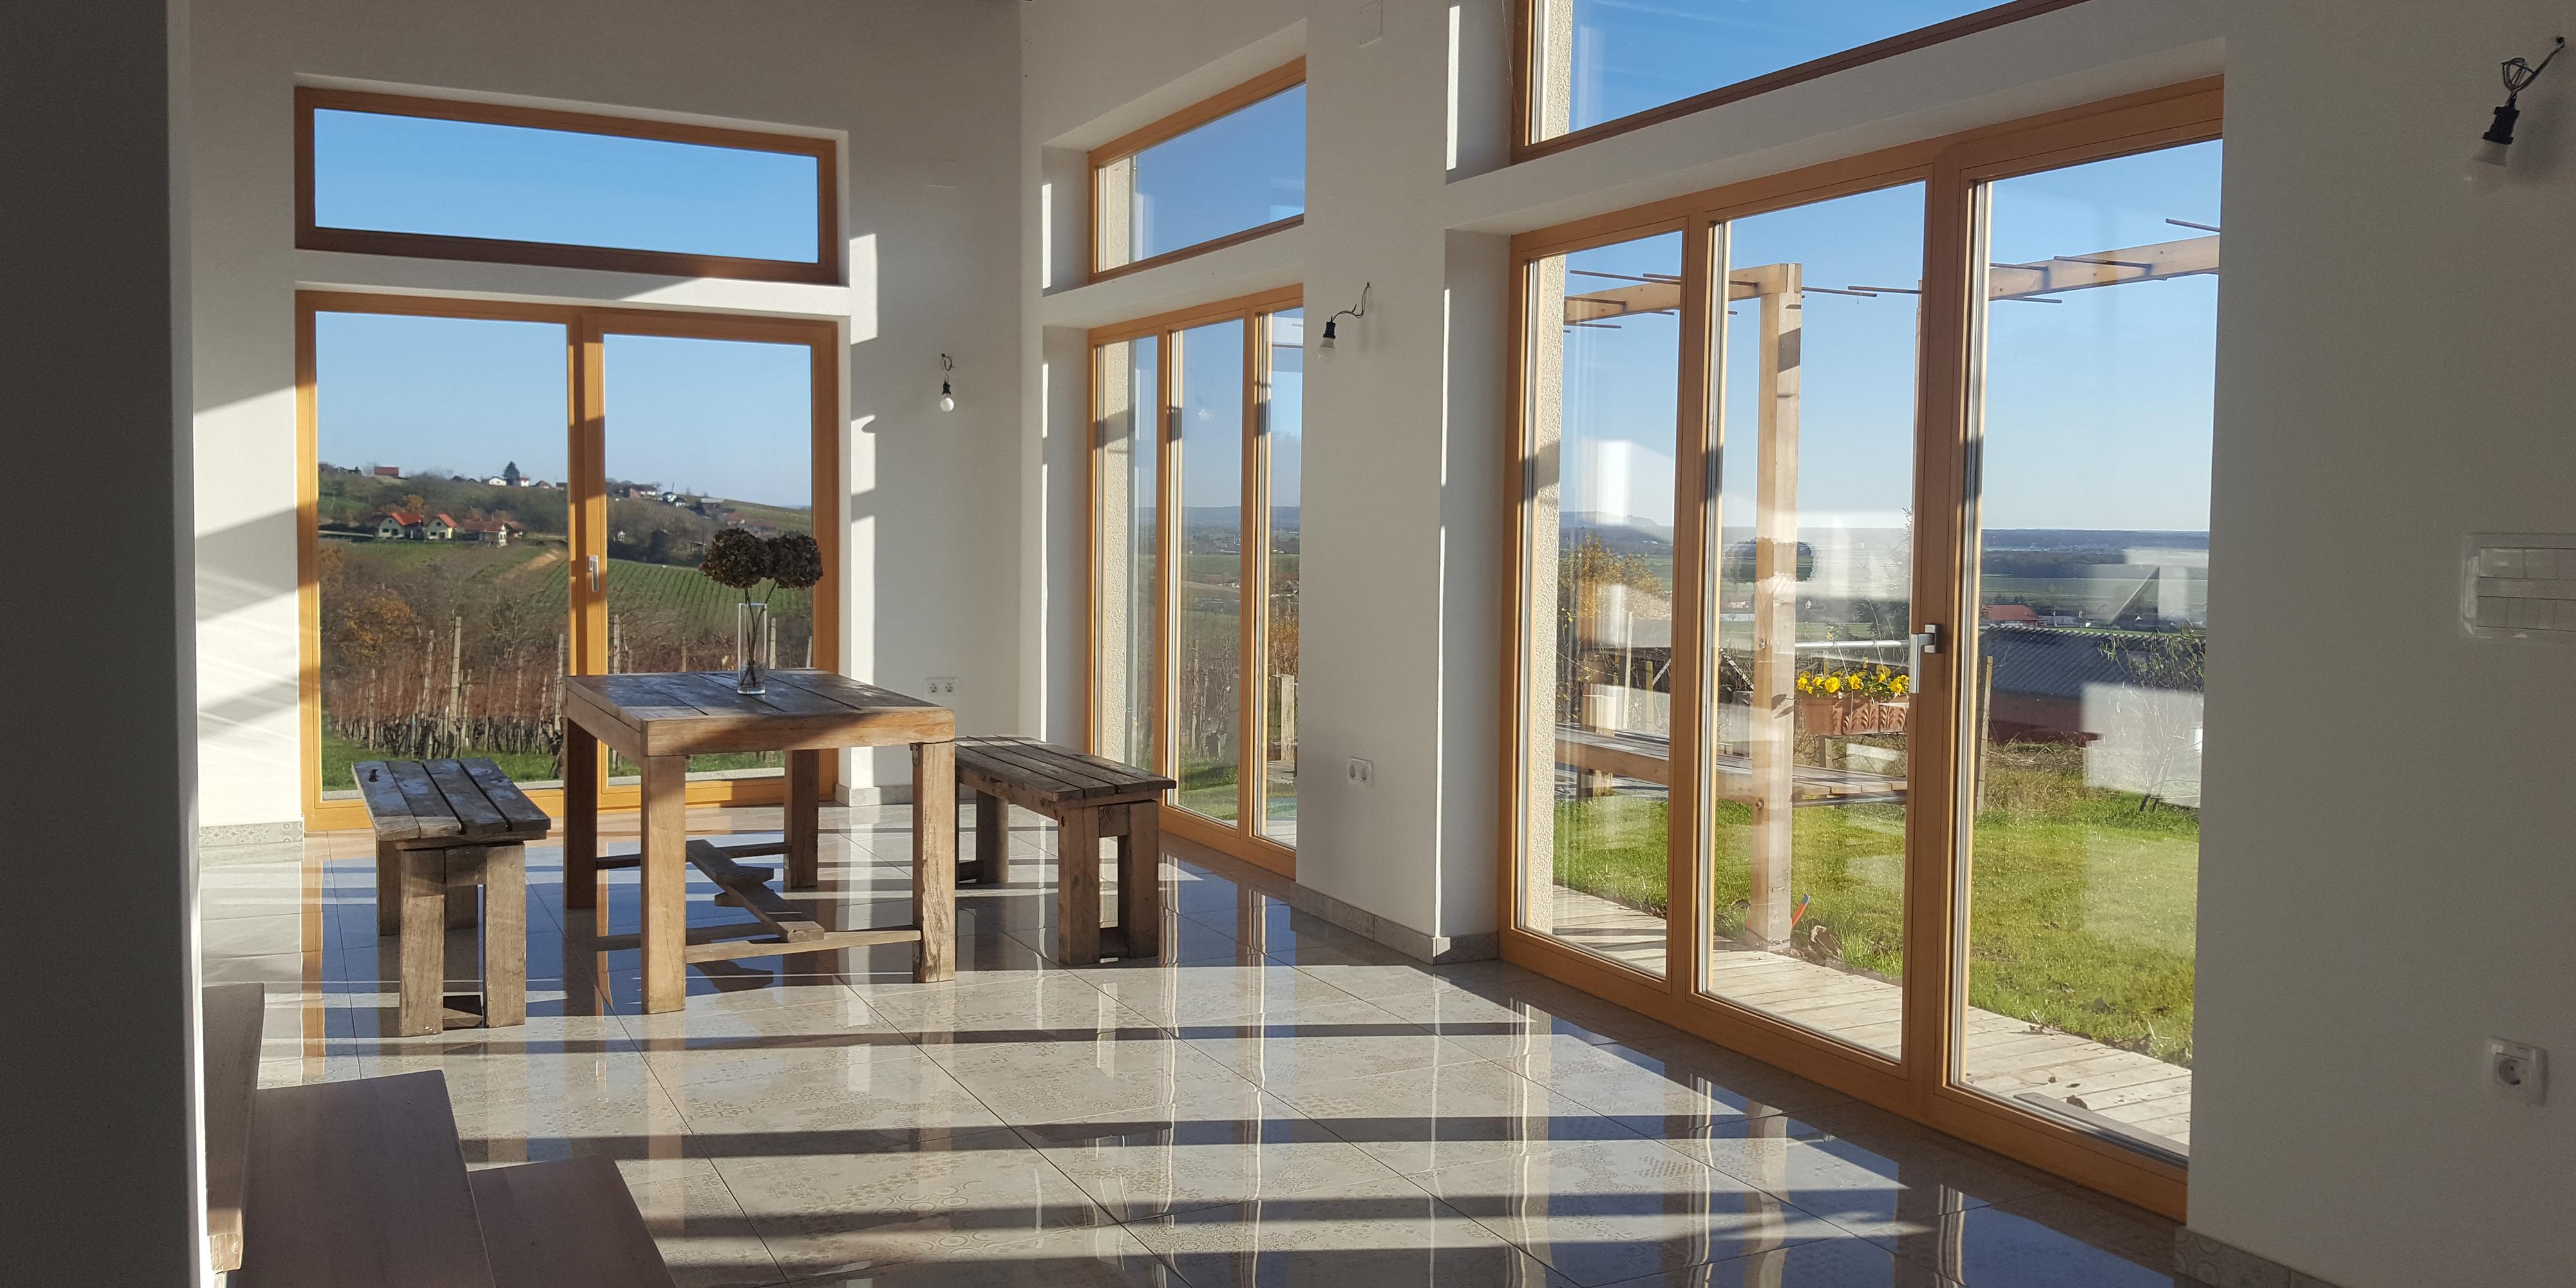 Lesena okna ustvarjajo domačnost, poskrbijo za dobro mikroklimo in s tem dviguje kakovost bivanja